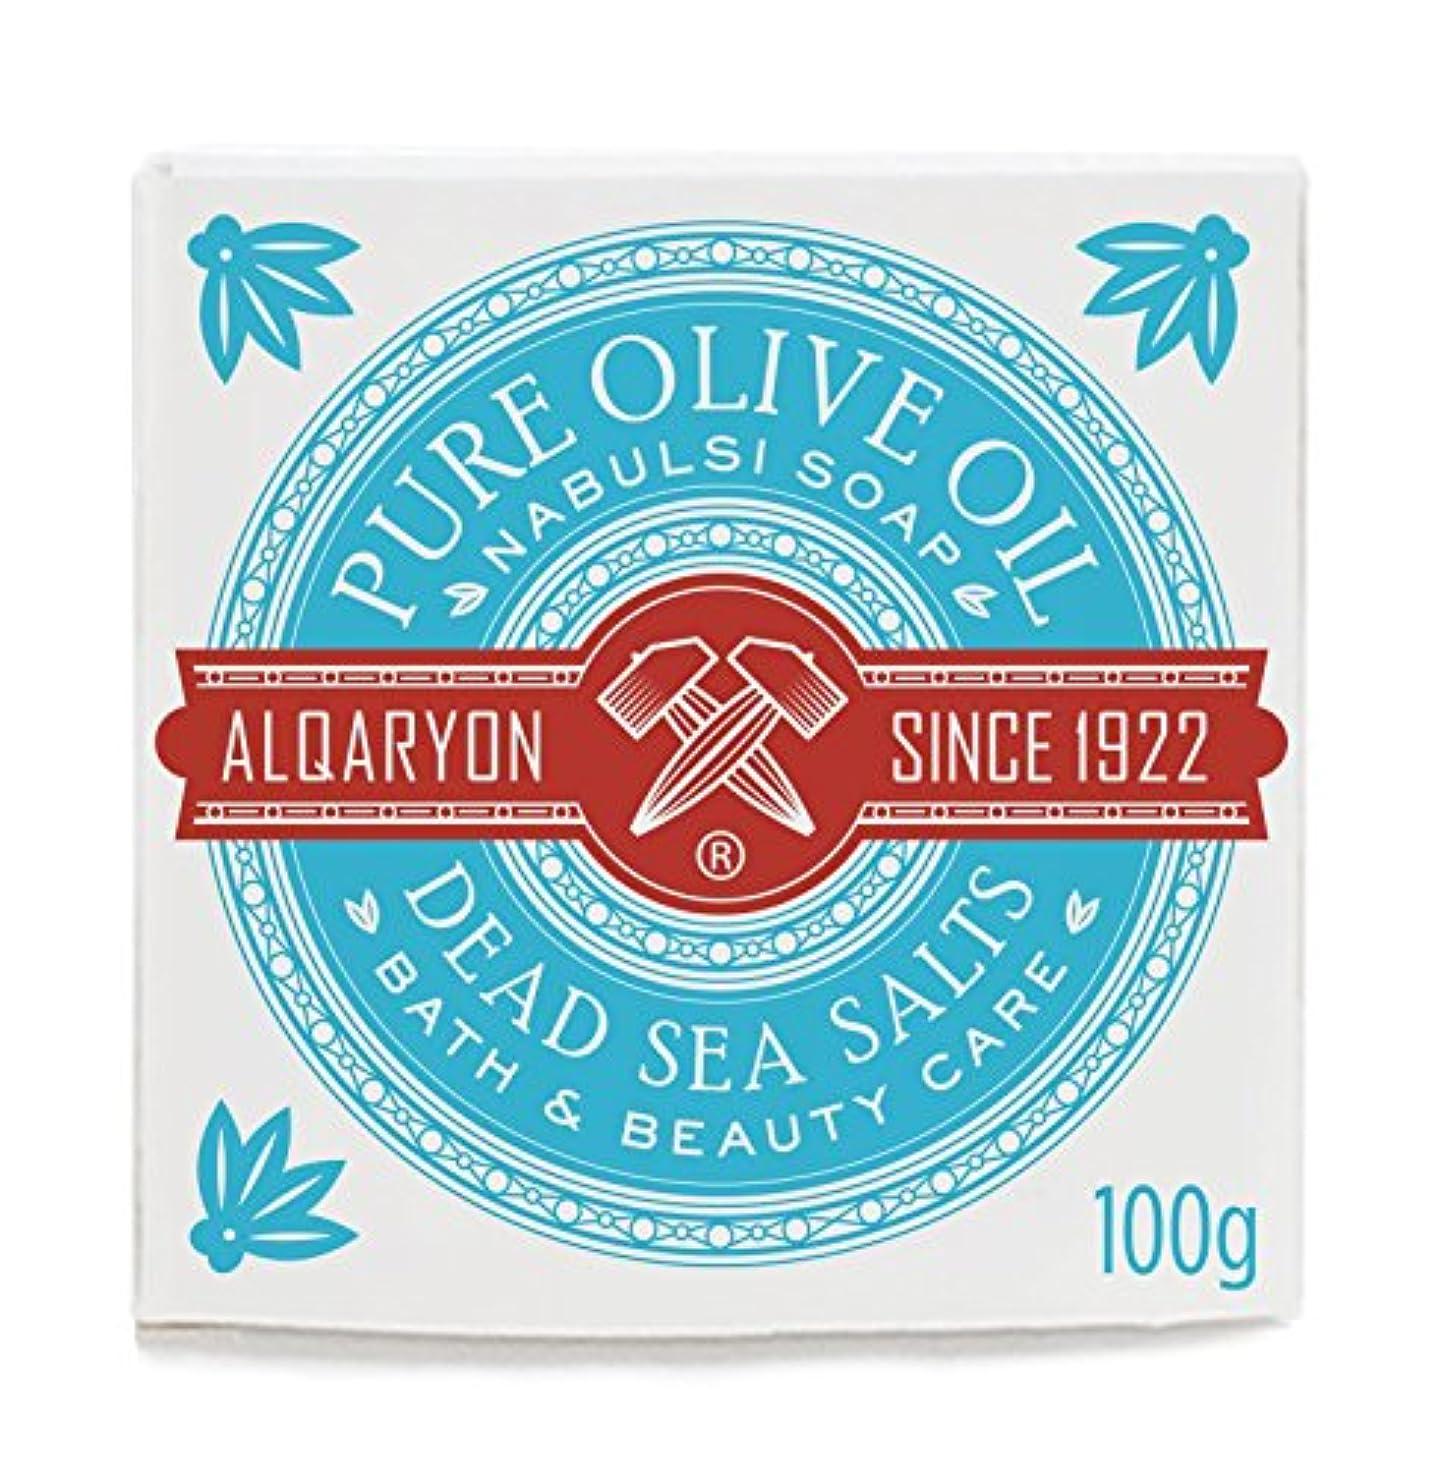 チャップ疑い者ポインタAlqaryon Dead Sea Salts & Olive Oil Bar Soap, Pack of 4 Bars 100g- Alqaryonの死海で取れる塩&オリーブオイル ソープ、バス & ビューティー ケア...